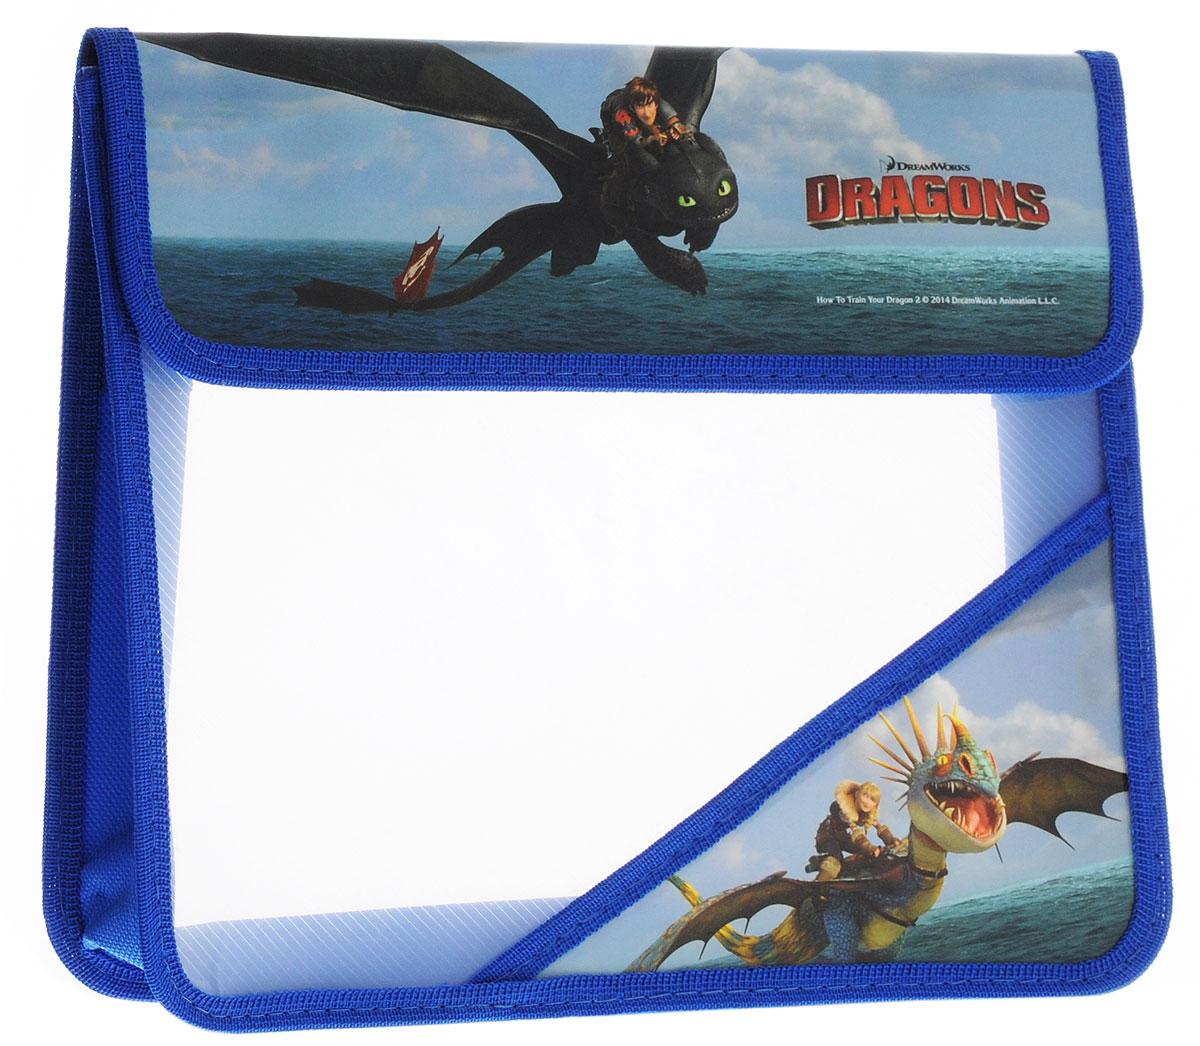 Action! Папка для тетрадей Dragons цвет синий голубой зеленыйFS-36052Папка Action! Dragons предназначена для хранения тетрадей, рисунков и прочих бумаг формата А5. Папка выполнена из прочного материала и содержит одно отделение. Закрывается клапаном на липучки. Стенки папки прозрачные.Клапан и один из нижних уголков папки оформлены изображениями персонажей мультфильма Как приручить дракона.С папкой Action! Dragons тетради вашего ребенка всегда будут выглядеть опрятно.